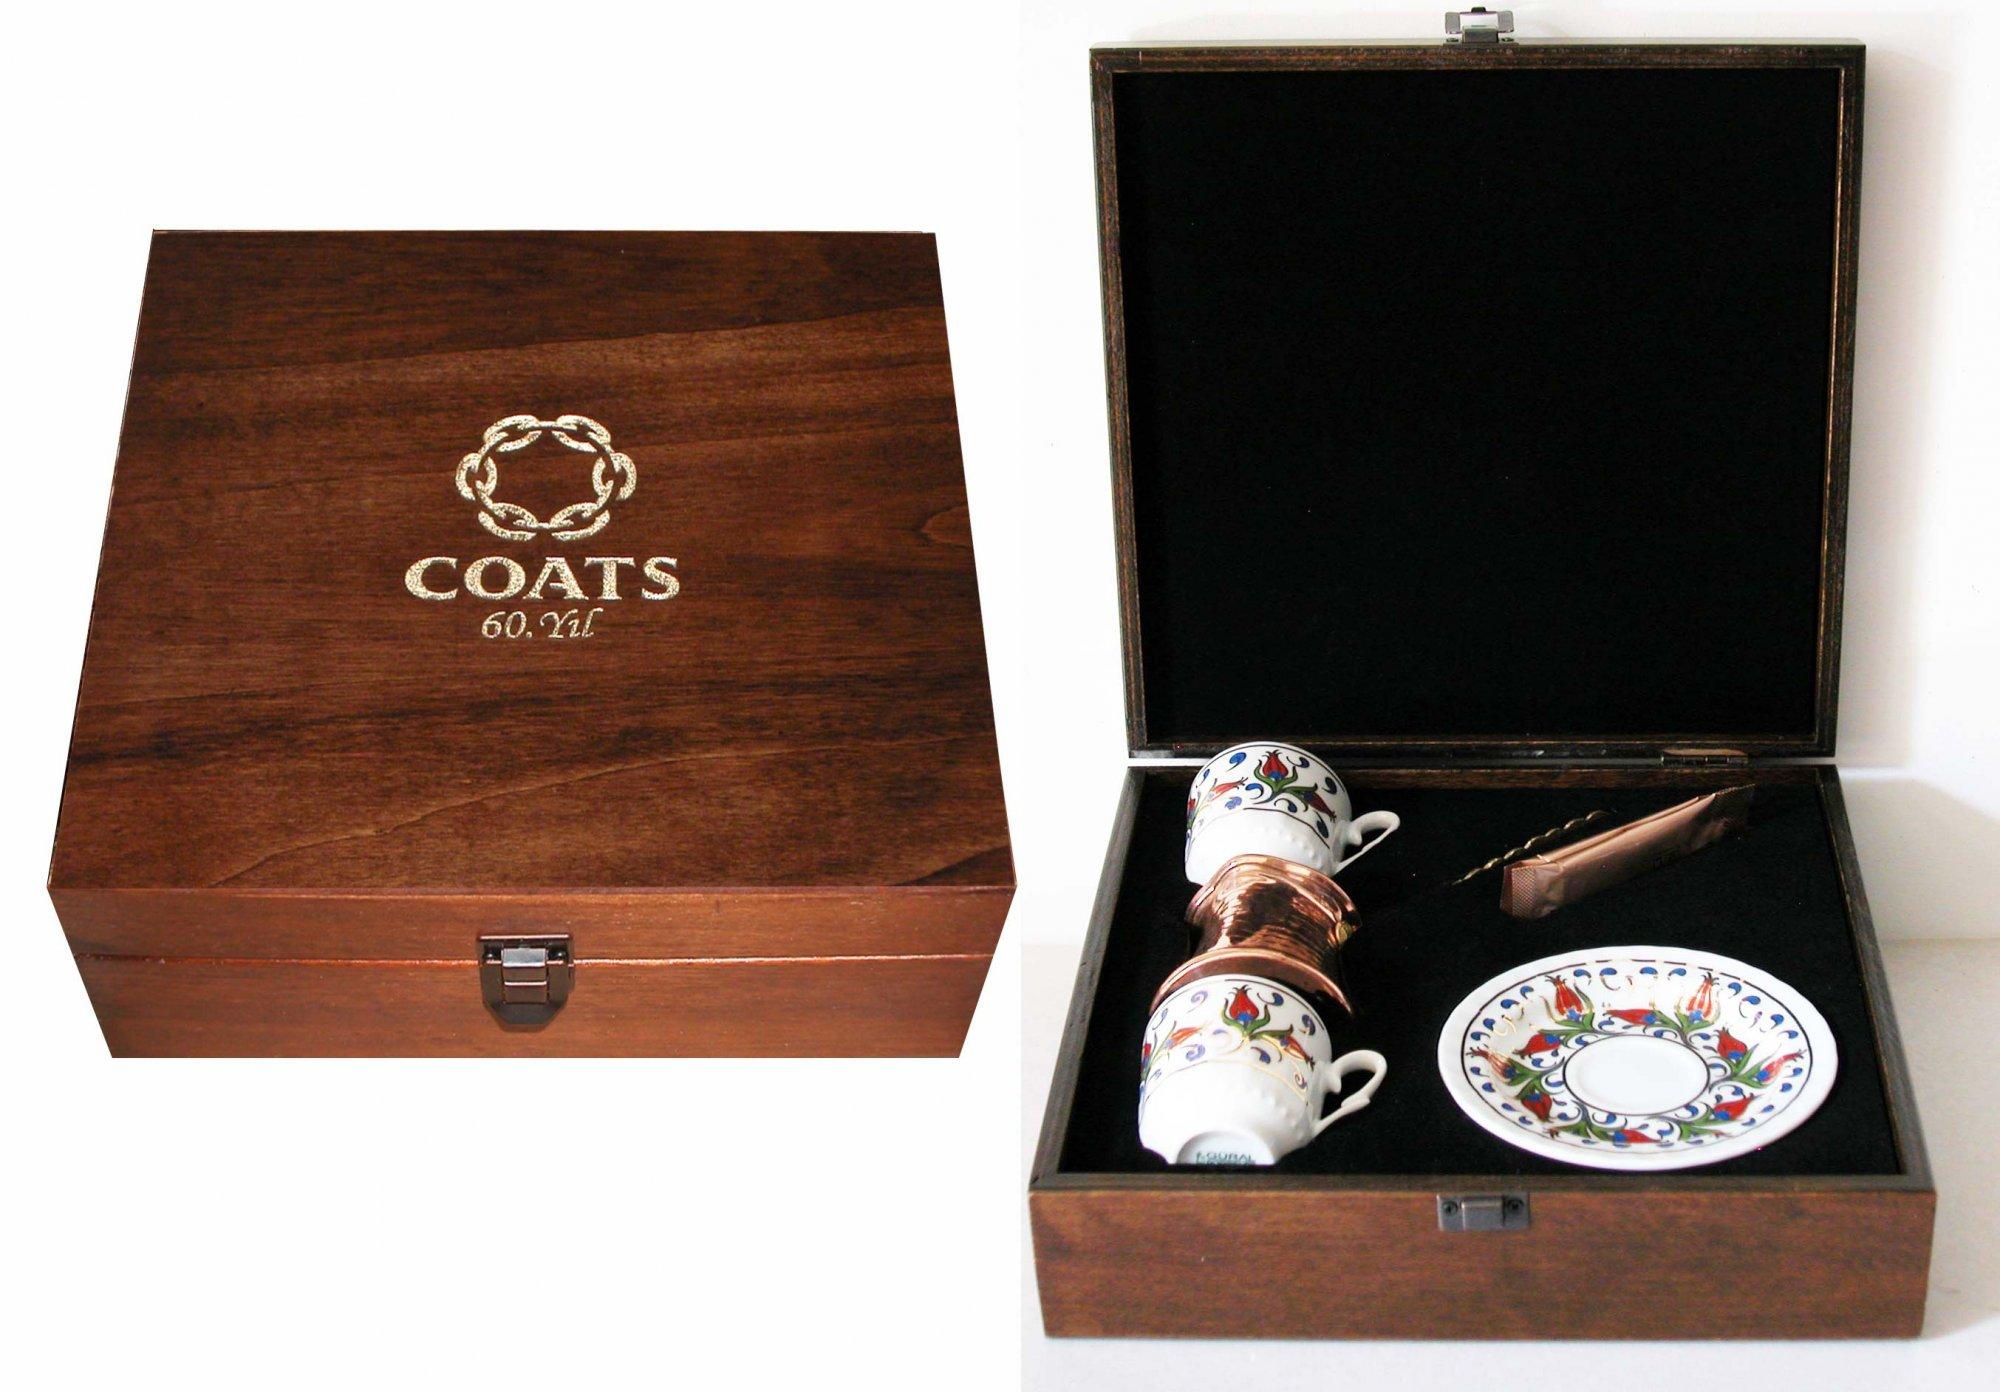 Kutu üzeri lazer baskılı kurumsal  hediyelik iki kişilik kahve fincan seti çok kaliteli vip hediyeler kaliteli Fincan Takımları